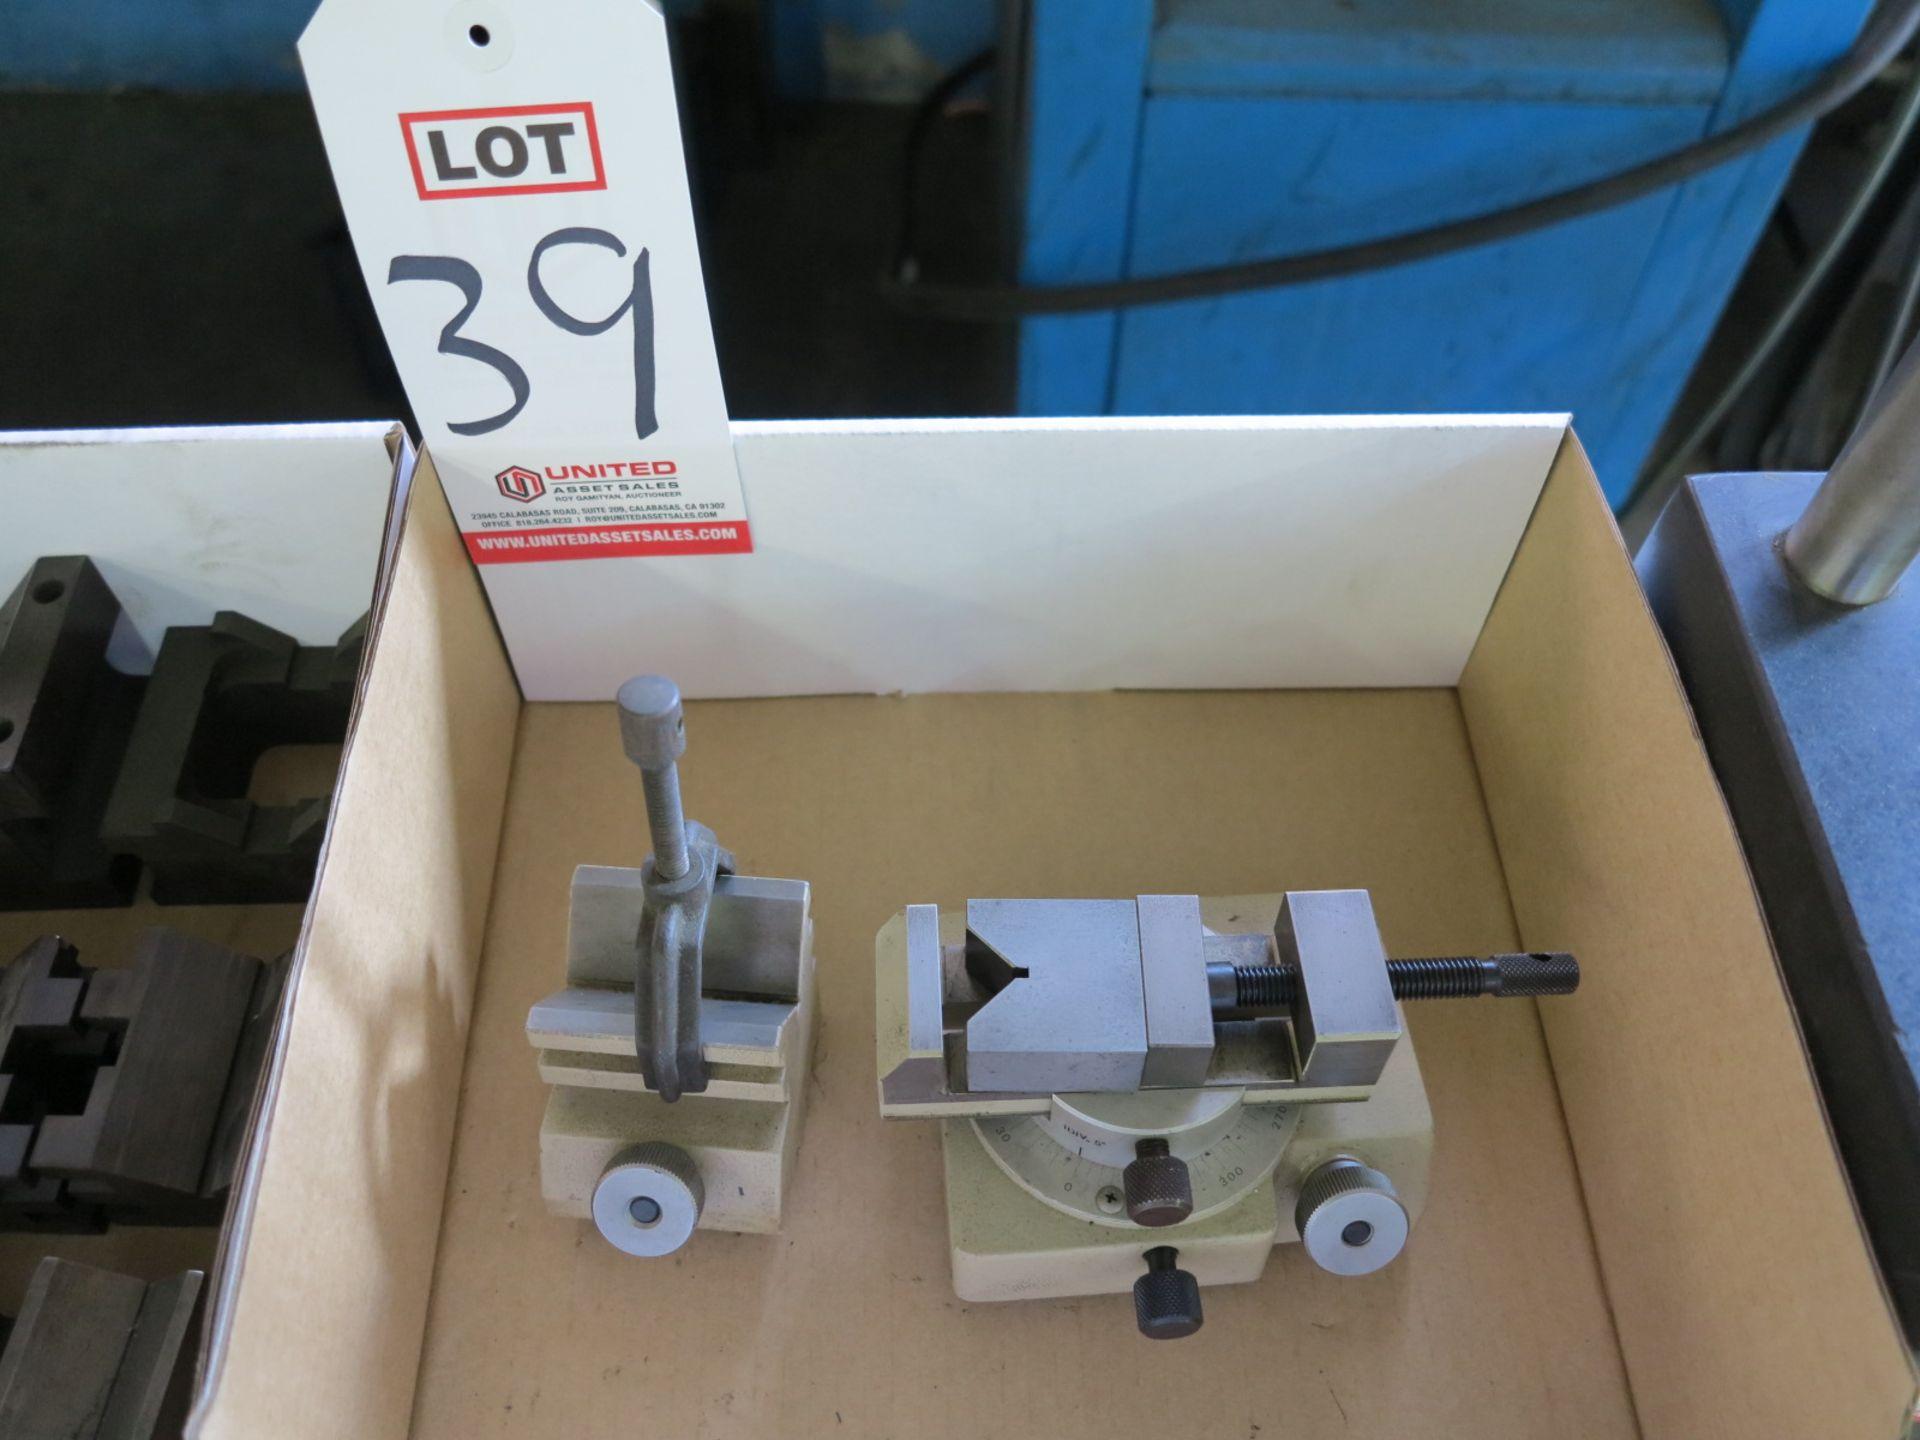 Lot 39 - LOT - ROTARY CLAMP, V-BLOCK SET FOR MINI LATHE